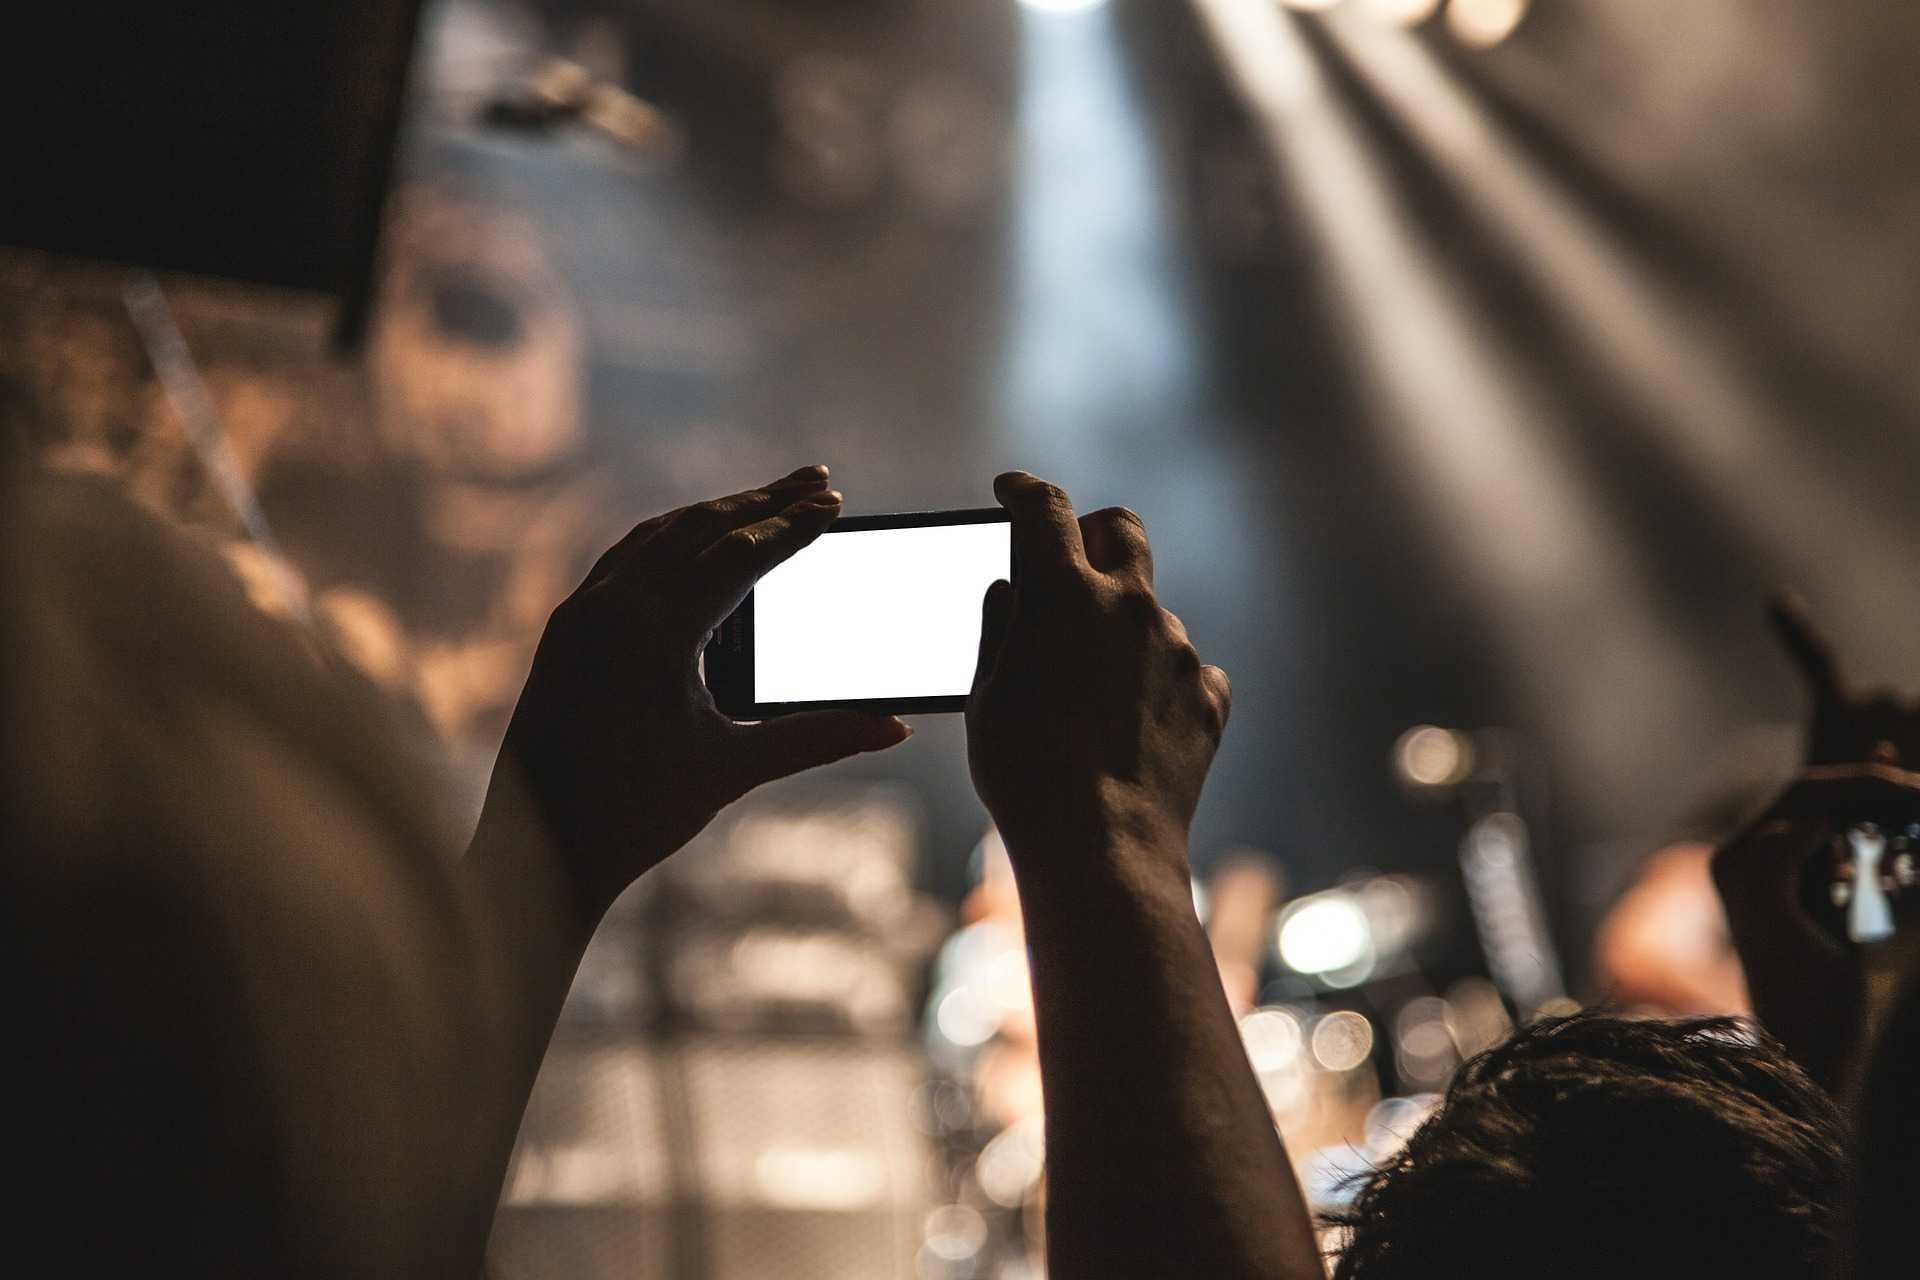 REALIZAR UN REPORTAJE CON UN TELÉFONO MÓVIL O UNA MINI CÁMARA